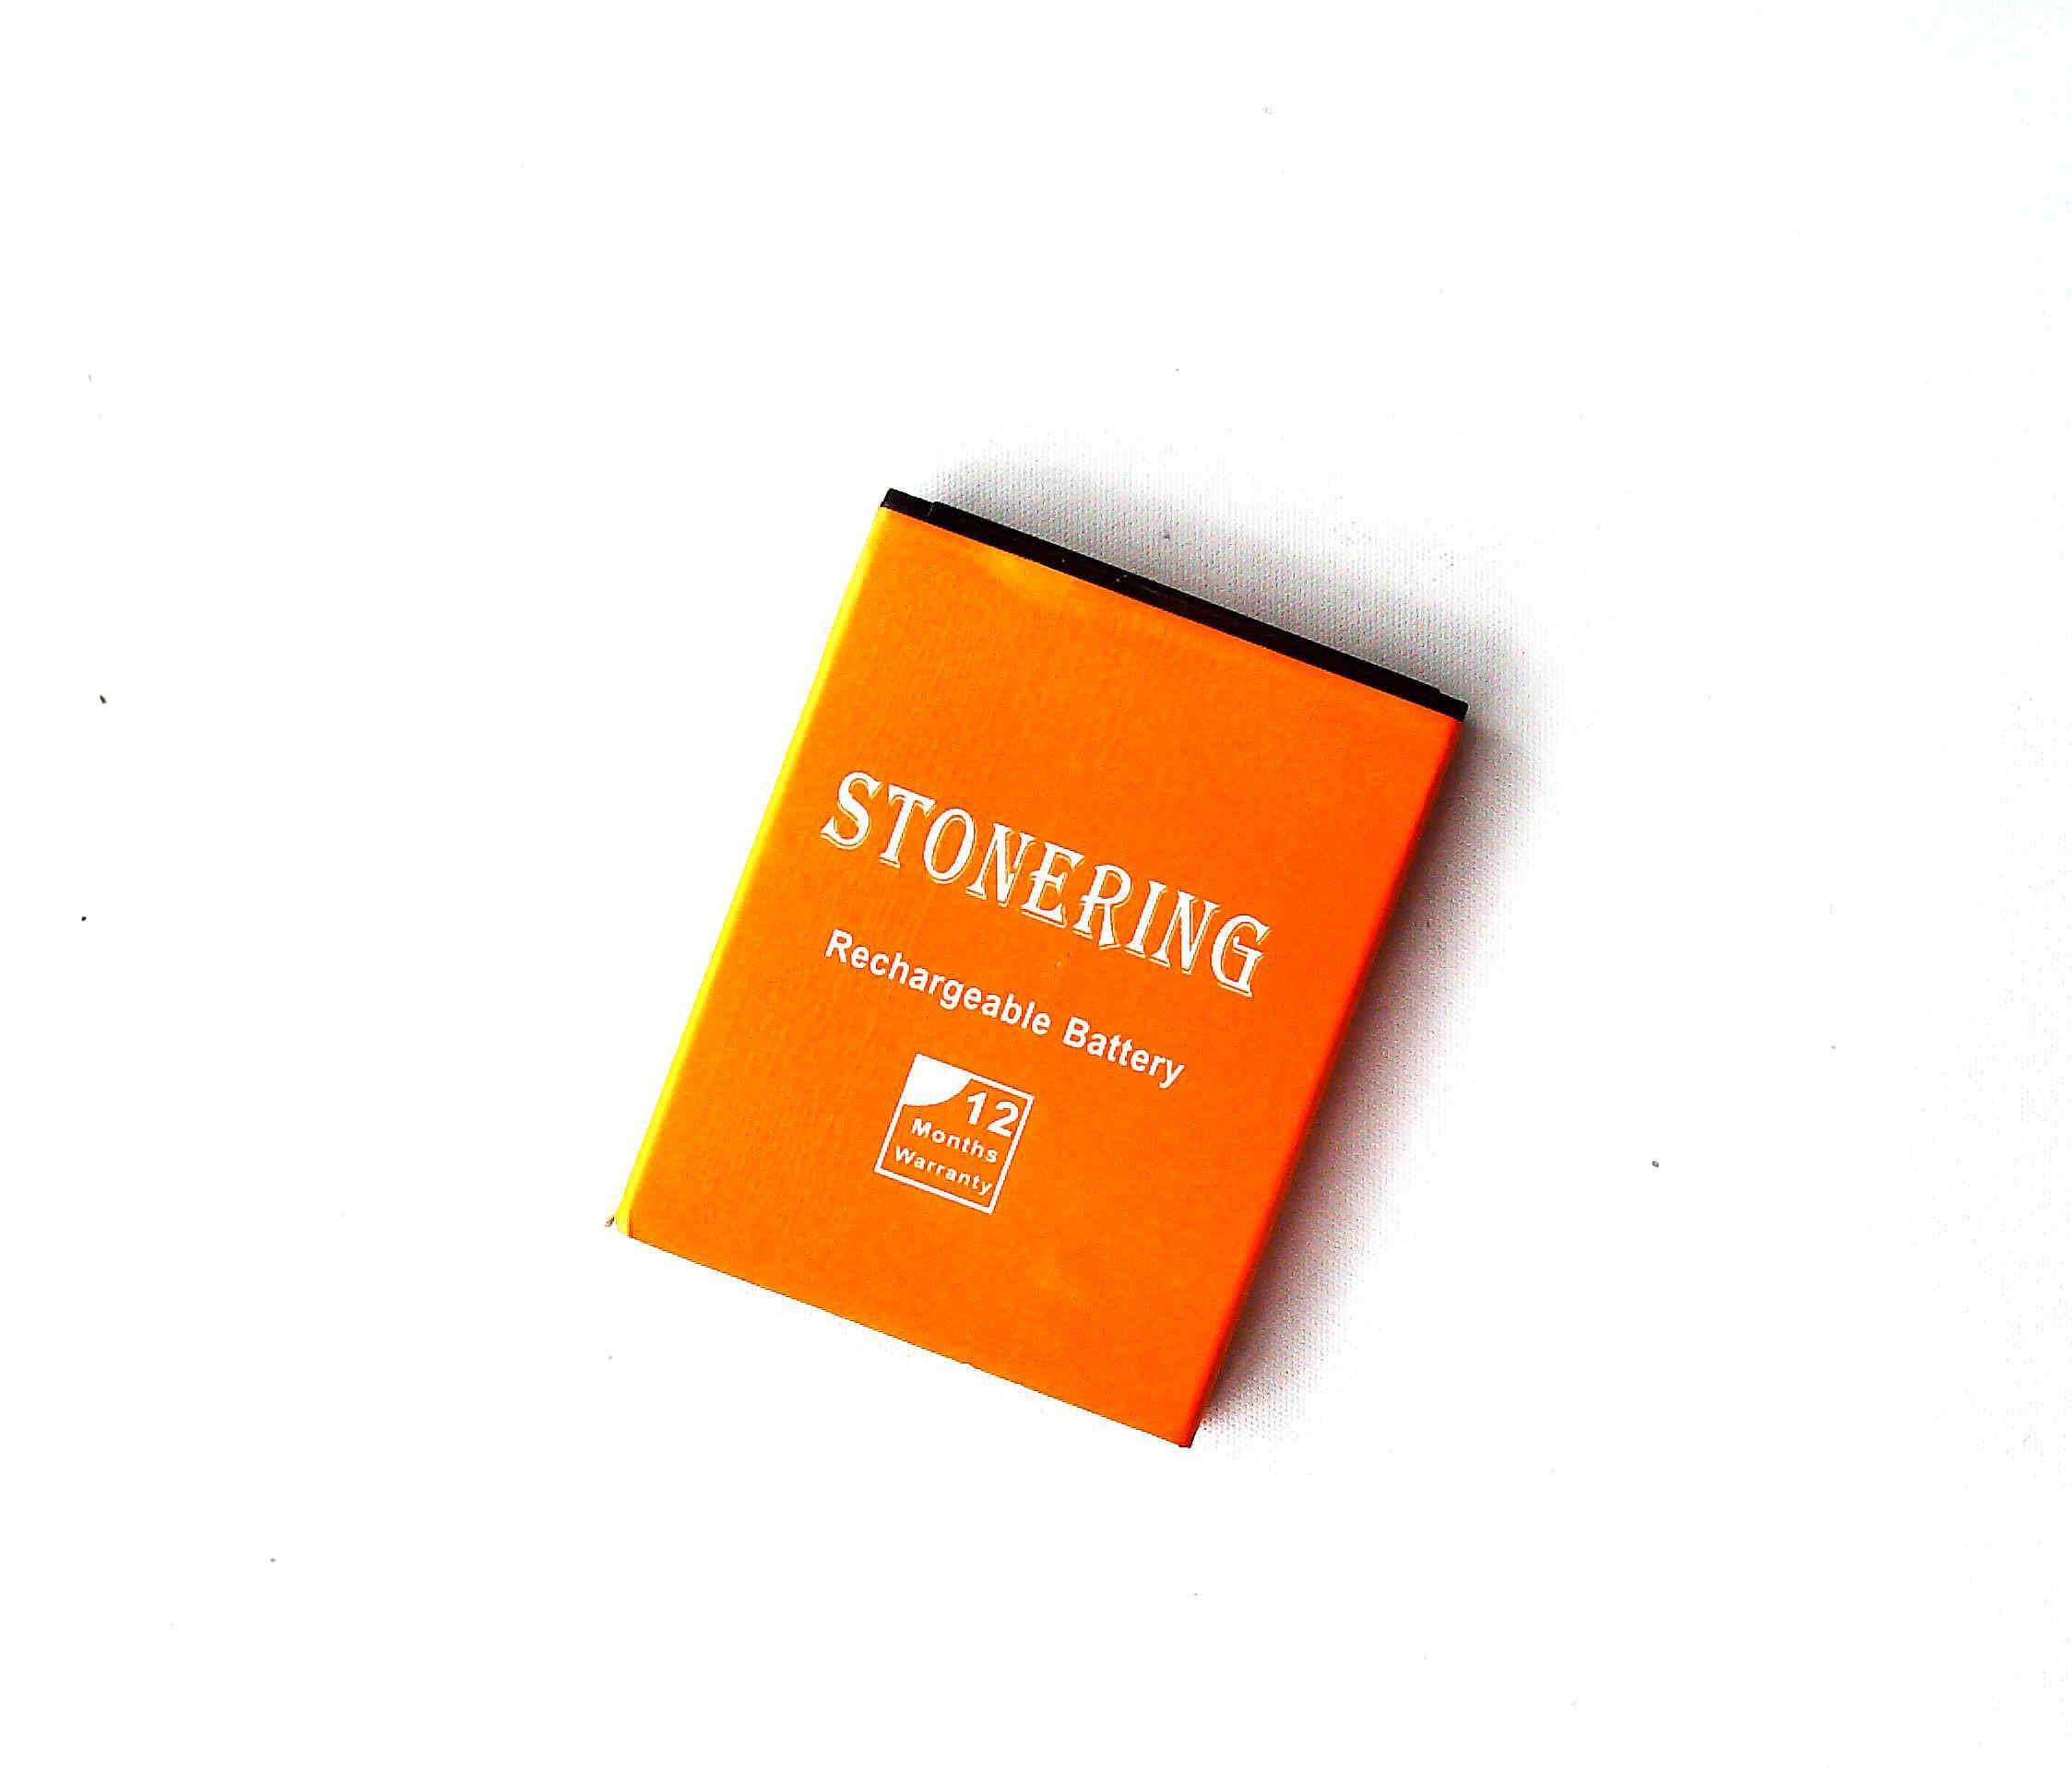 Stonering 1600MAh BL4505 Pin Cho Bay Ezzy 5/Ezzy Hợp Thời Trang 2/TS90/TS91/DS103D/ezzy Lật/Ezzy Hợp Thời Trang/DS106d ĐTDĐ